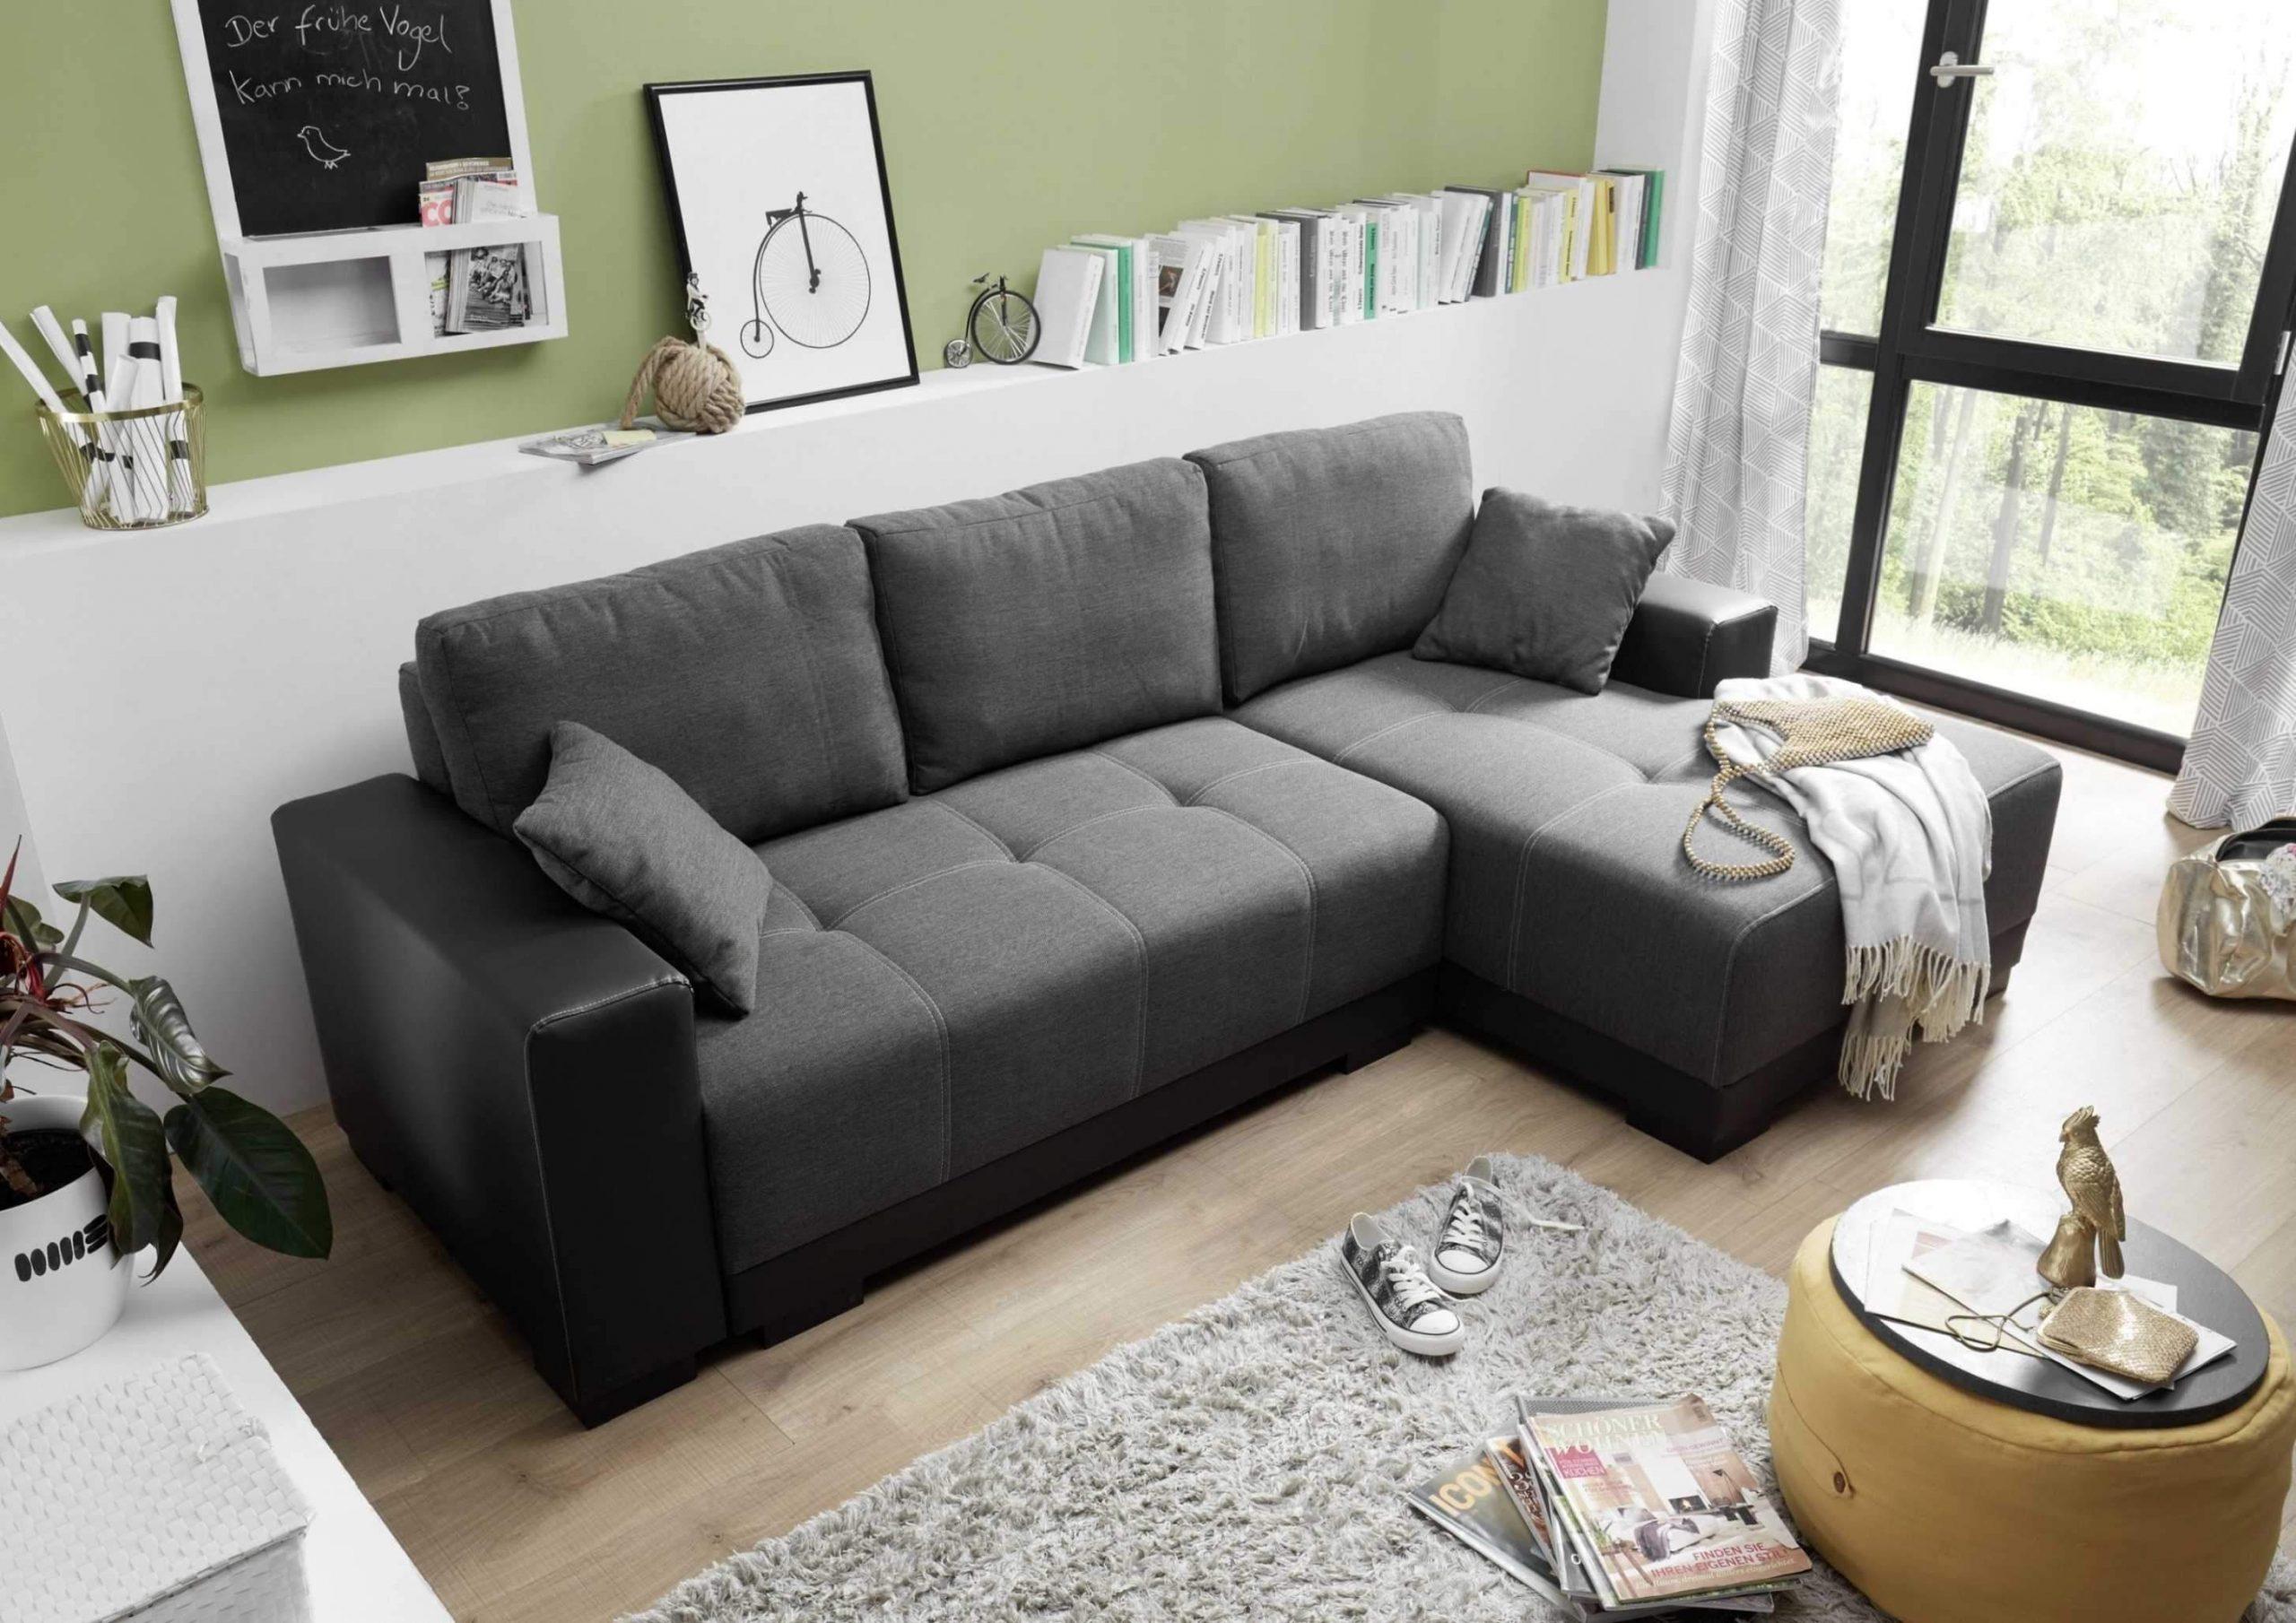 Full Size of Anordnung Sofa Wohnzimmer Schön 40 Beste Von Sofa Kleines Wohnzimmer Design Wohnzimmer Sofa Kleines Wohnzimmer